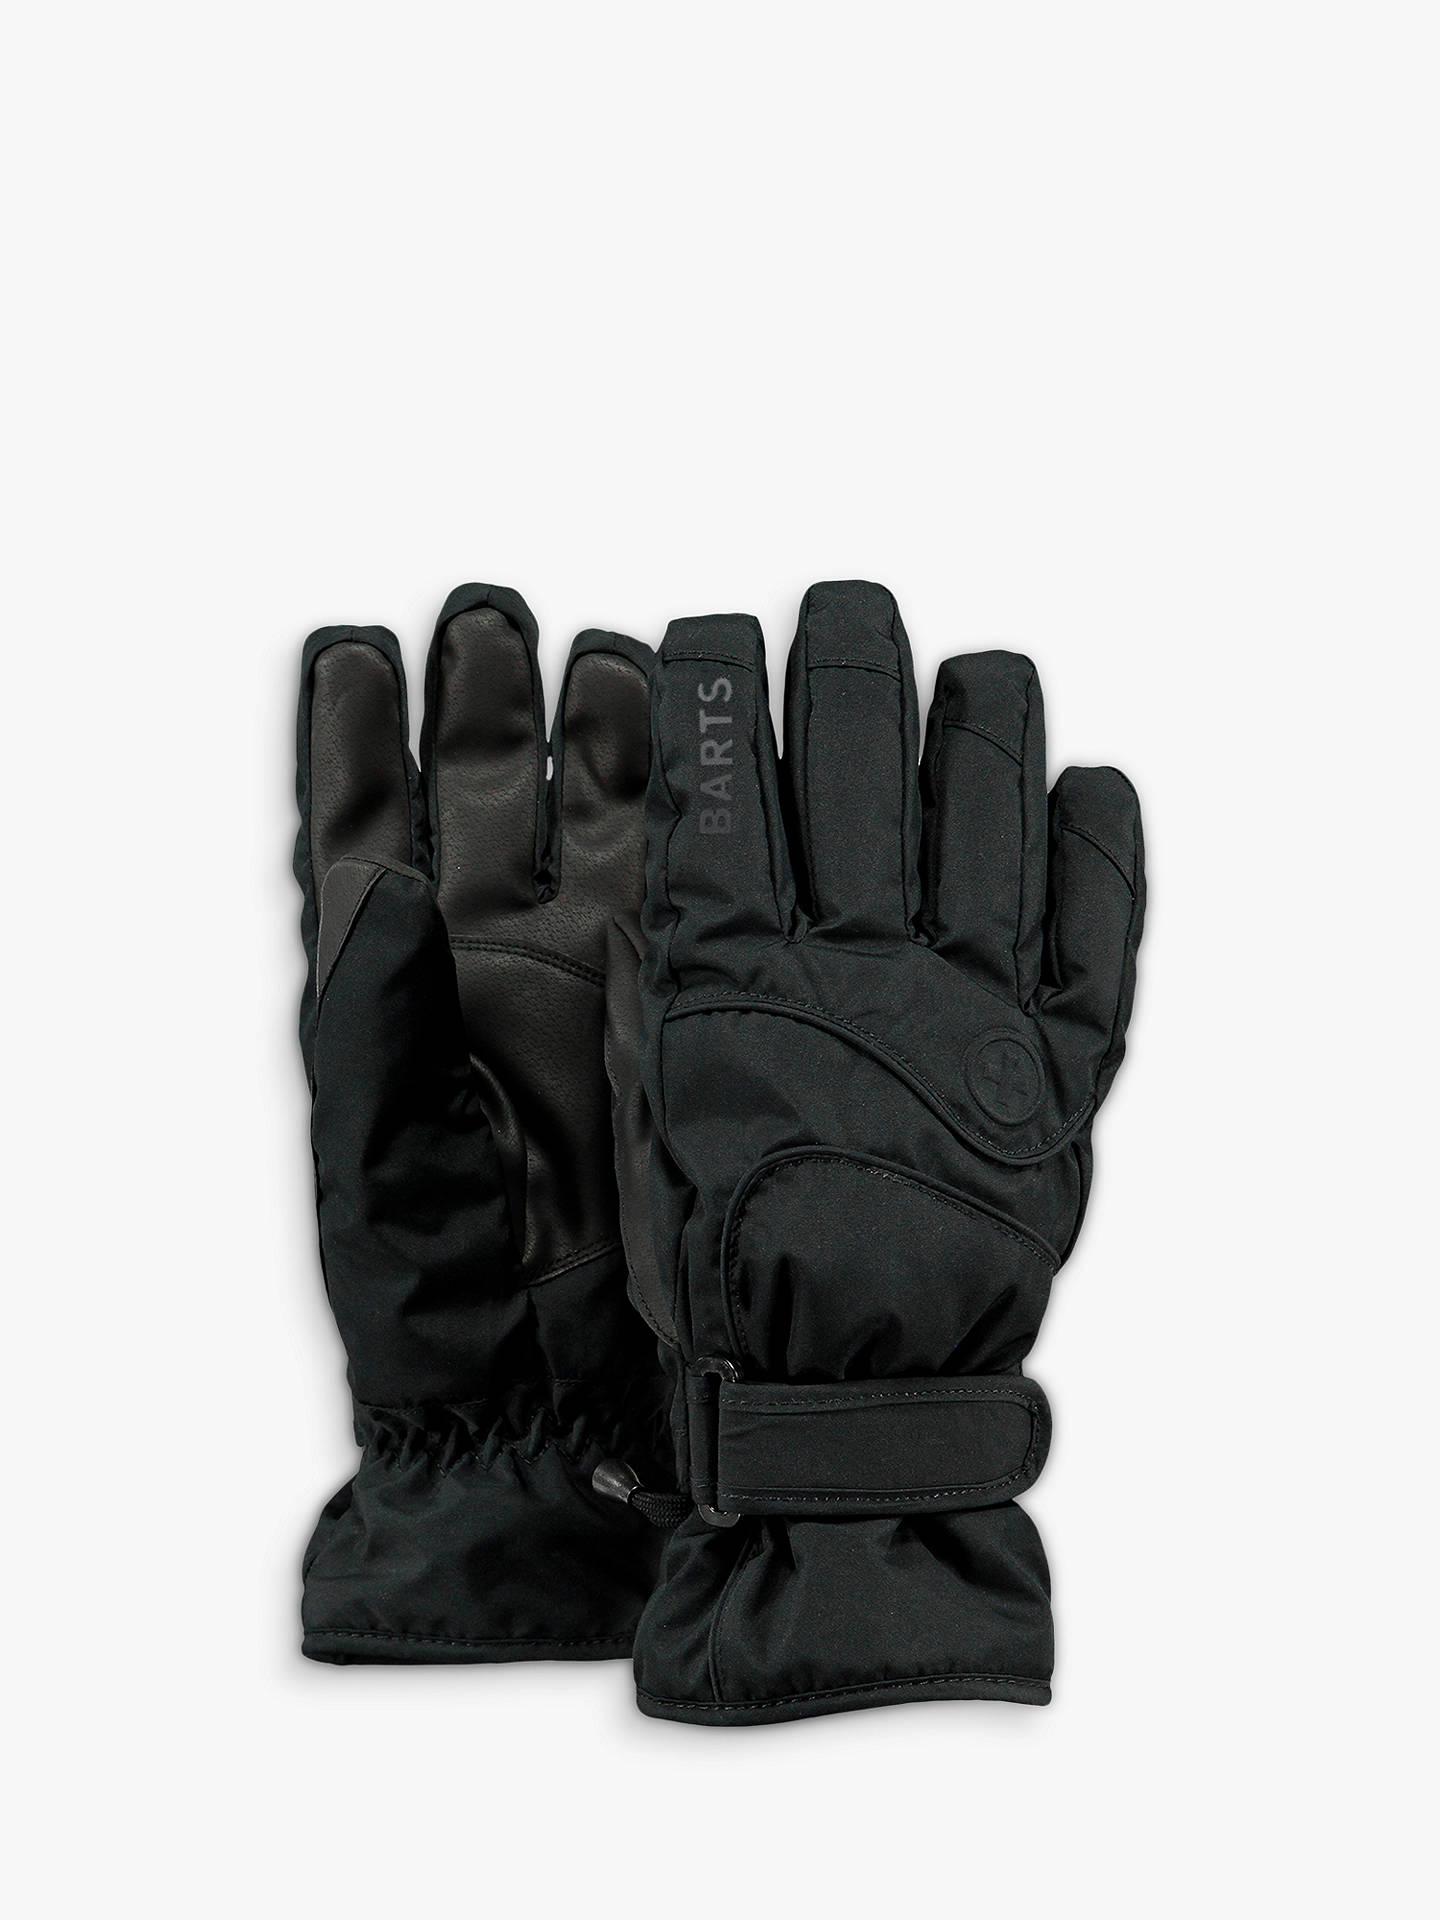 BuyBarts Basic Unisex Ski Gloves 2bfcd50f7e69